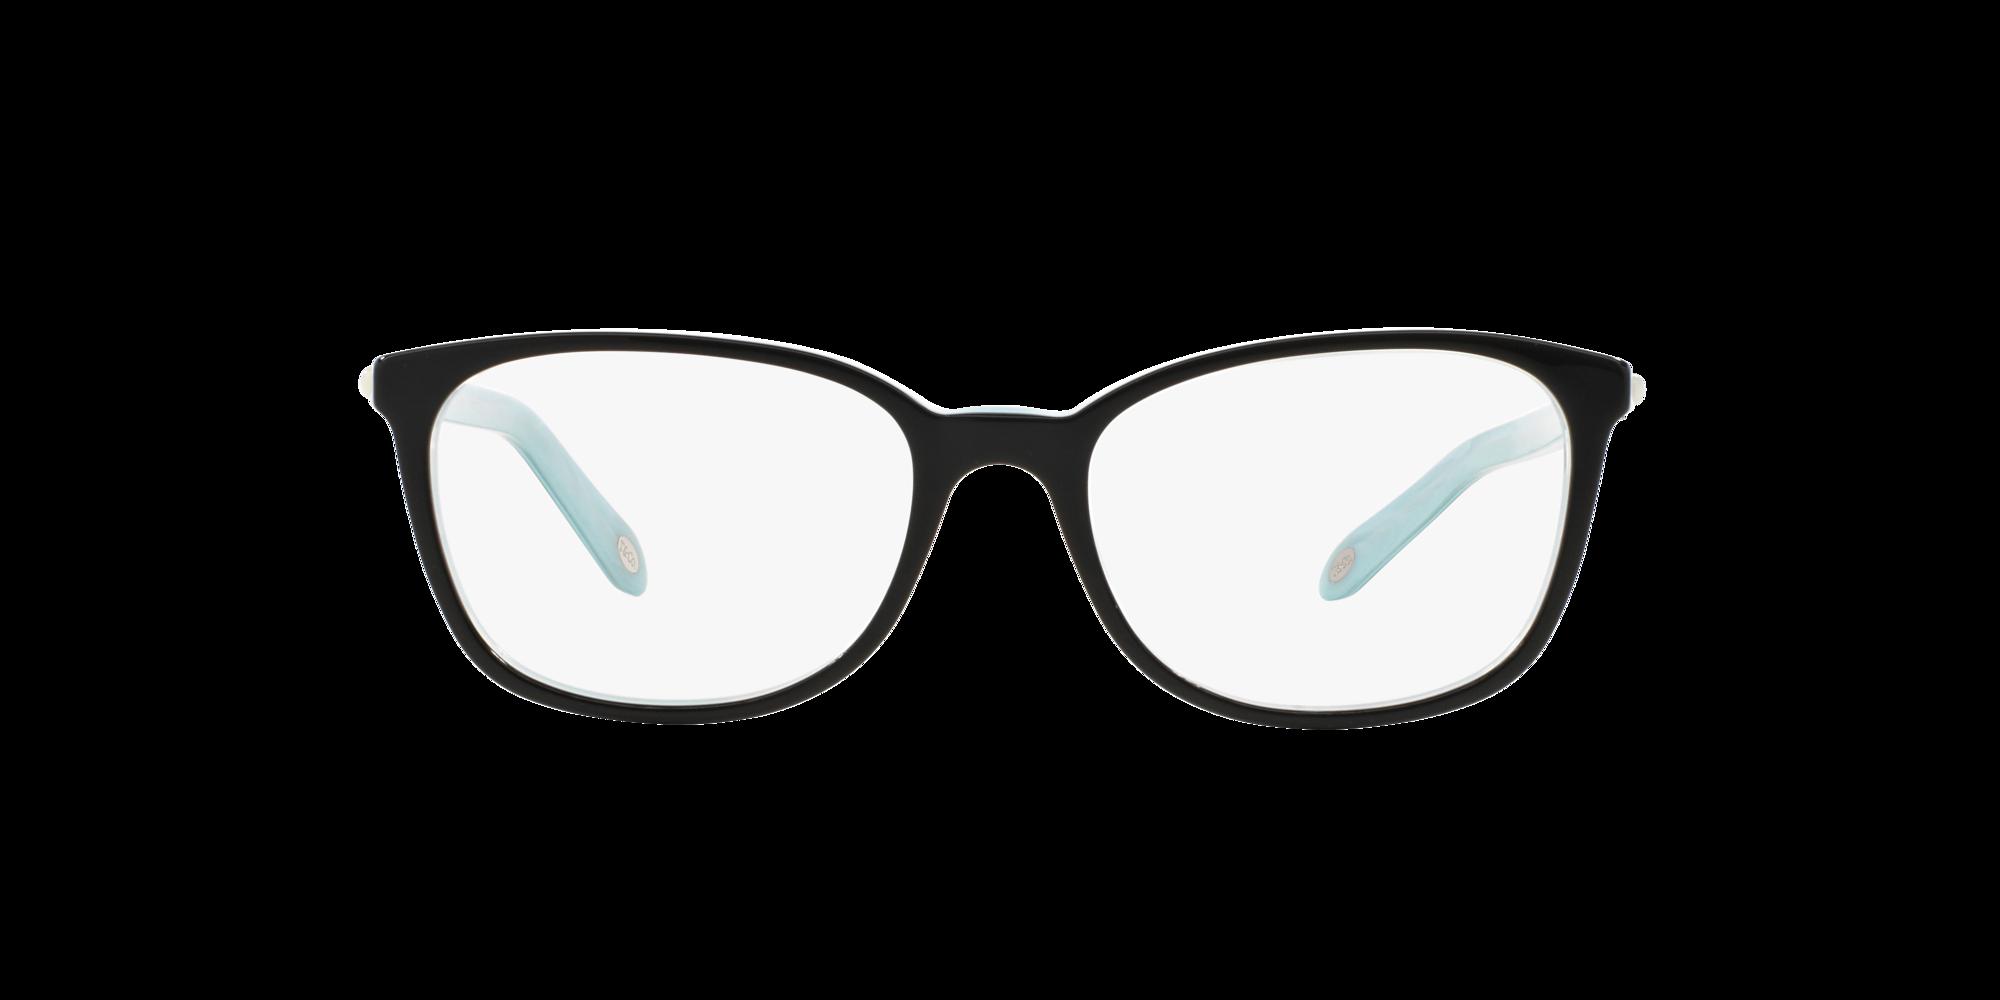 Imagen para TF2109BF de LensCrafters    Espejuelos, espejuelos graduados en línea, gafas